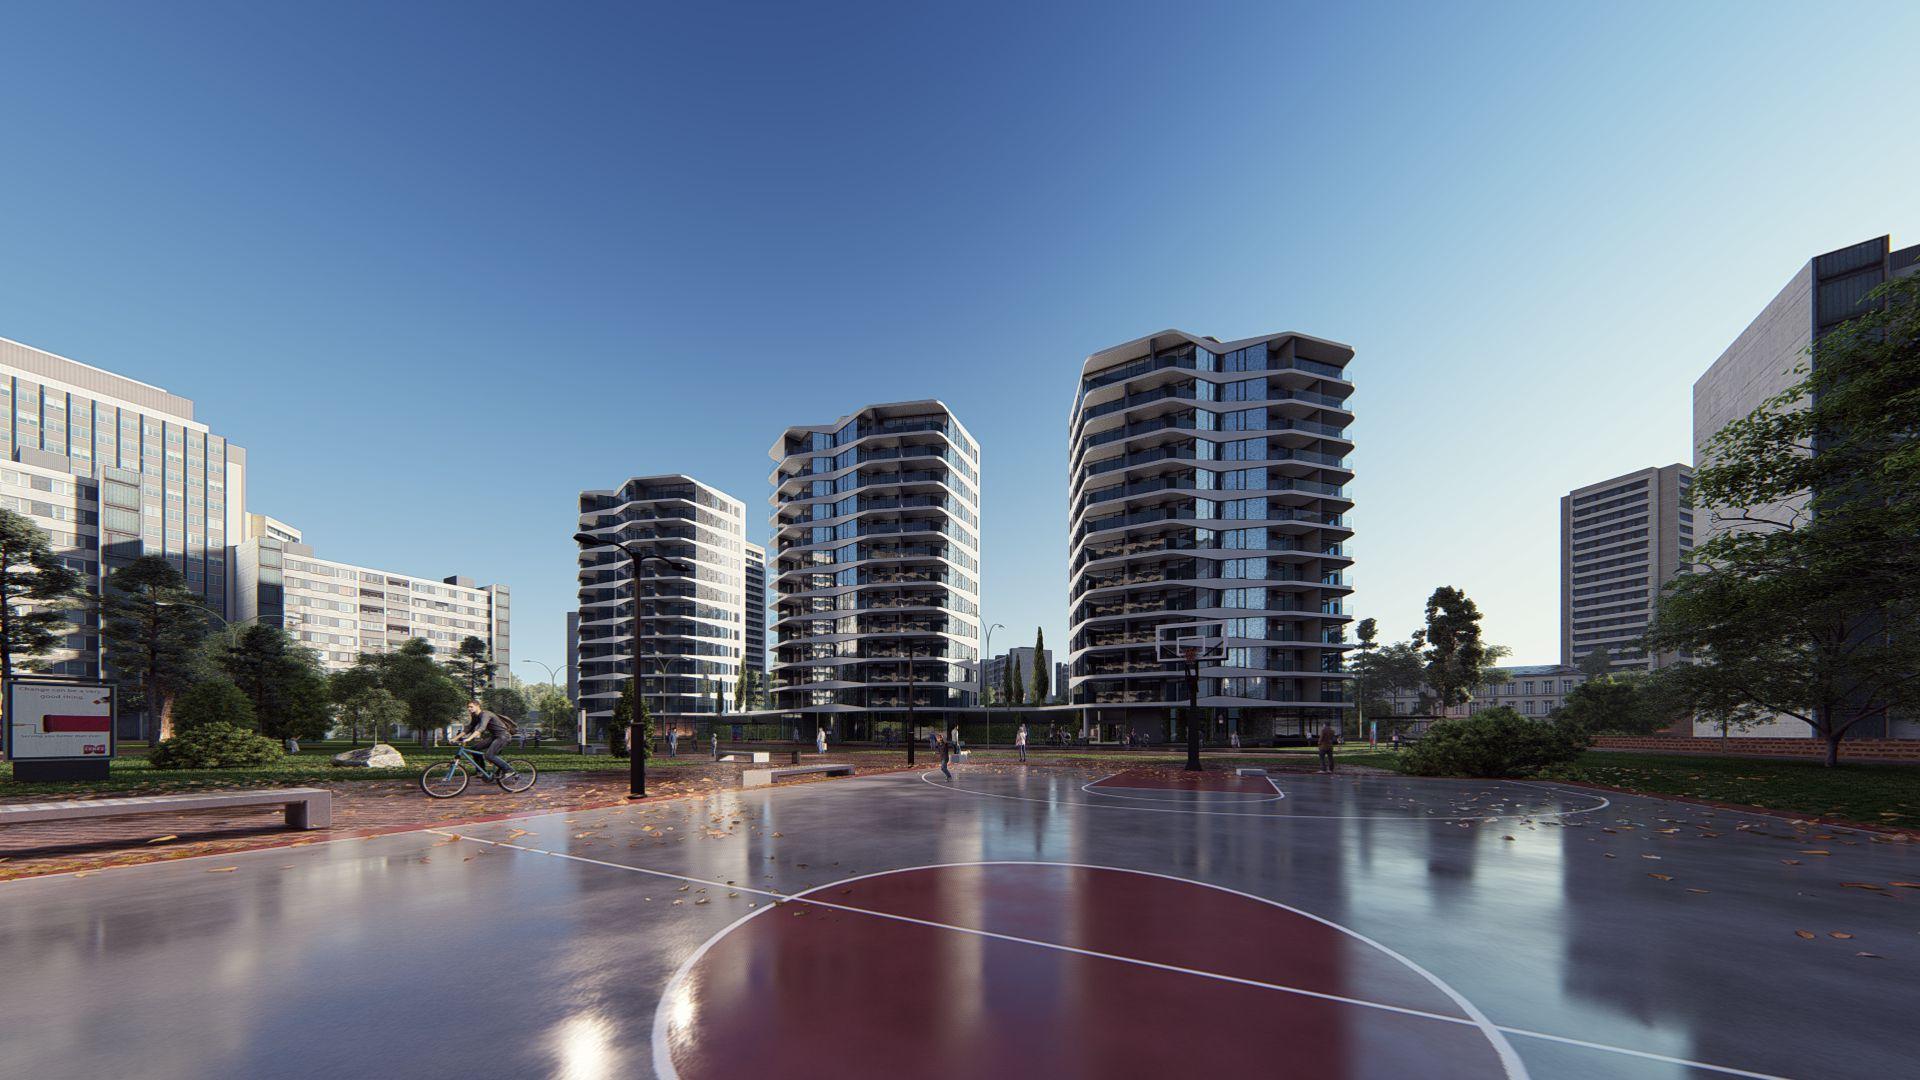 arhitektuurne 3d visualiseerimine skyline 5 1